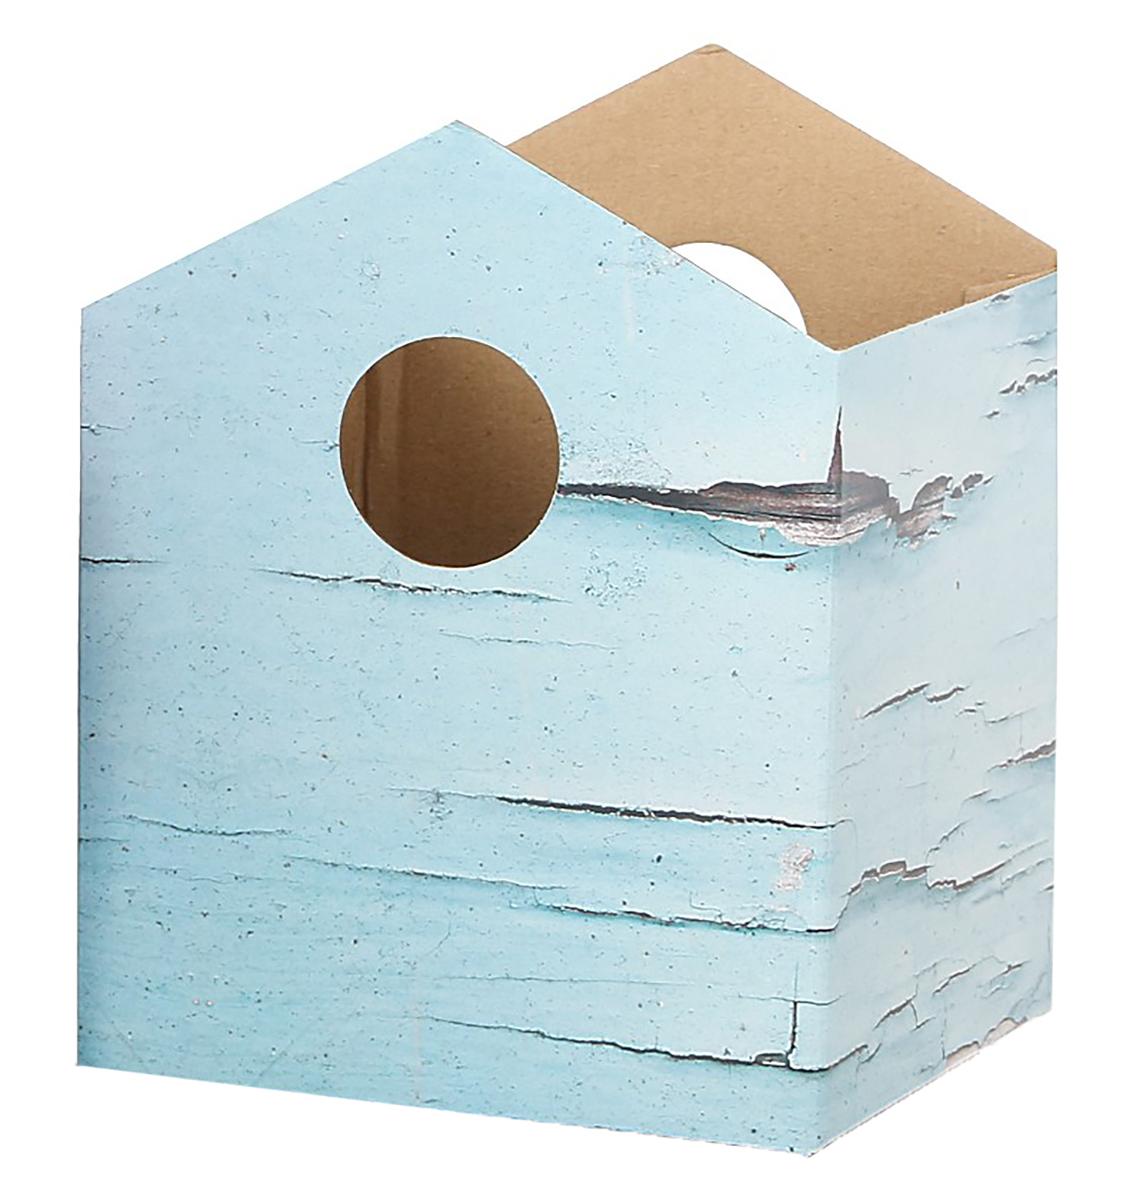 Коробка-домик Дарите Счастье Шебби, для цветов, складная, 15 х 19 см2965235Любой подарок начинается с упаковки. Что может быть трогательнее и волшебнее, чем ритуал разворачивания полученного презента. И именно оригинальная, со вкусом выбранная упаковка выделит ваш подарок из массы других. Она продемонстрирует самые теплые чувства к виновнику торжества и создаст сказочную атмосферу праздника.